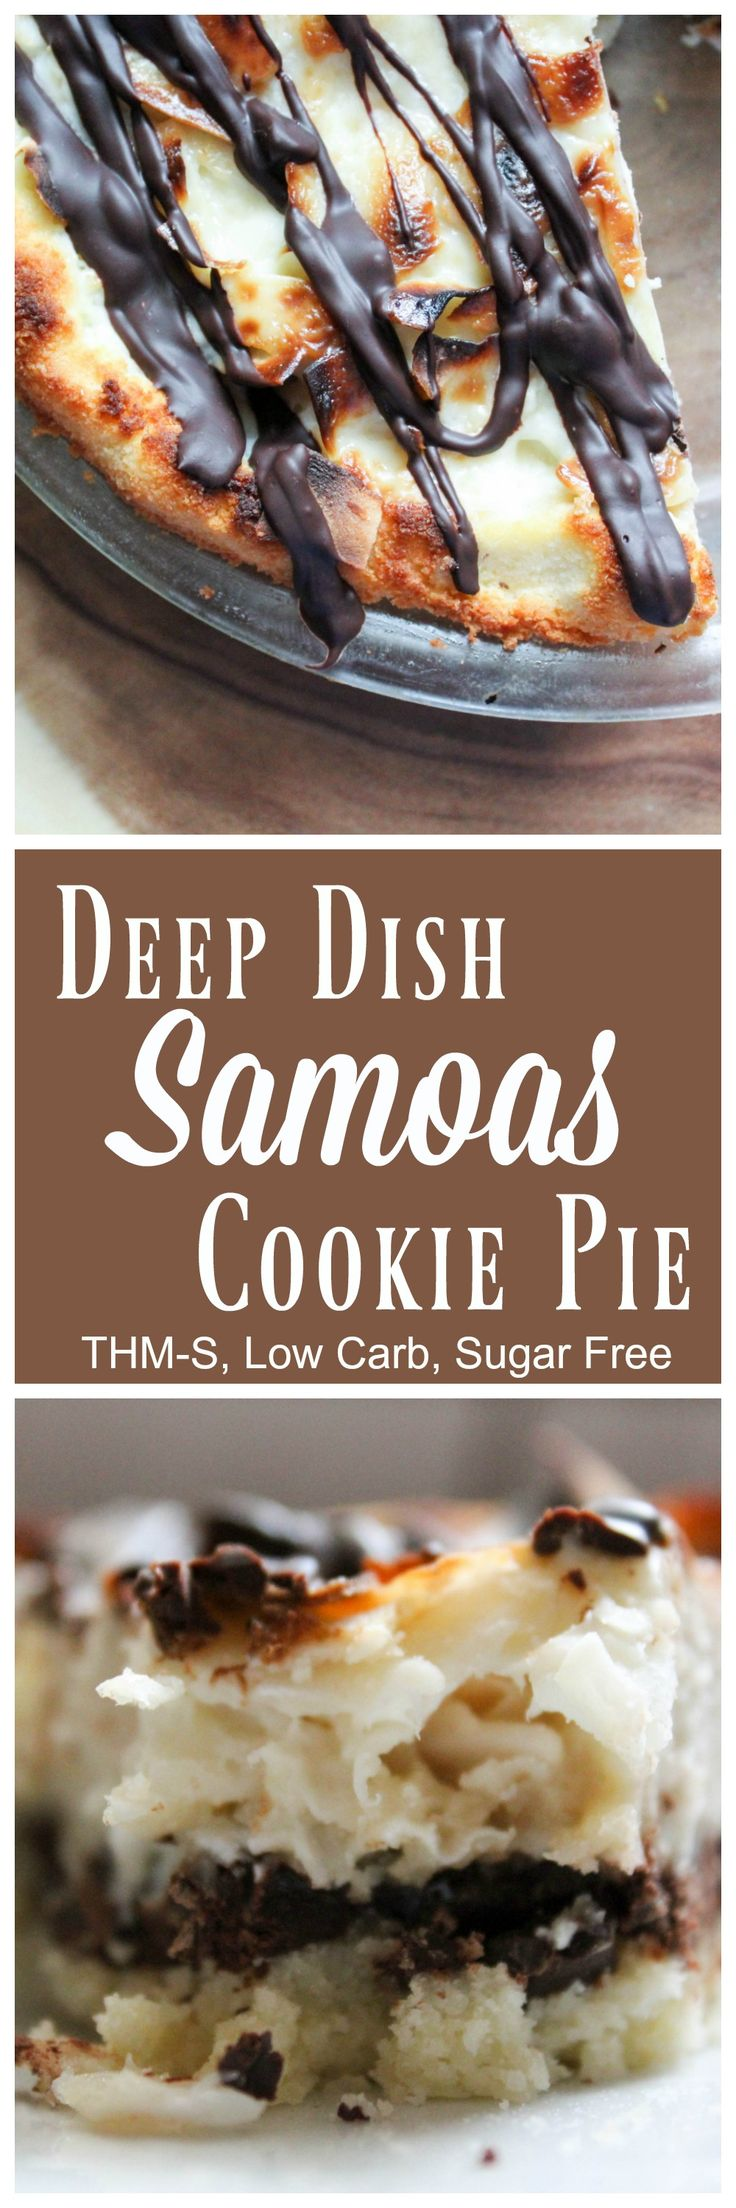 Deep Dish Samoas Cookie Pie {THM-S, Low Carb, Sugar Free}